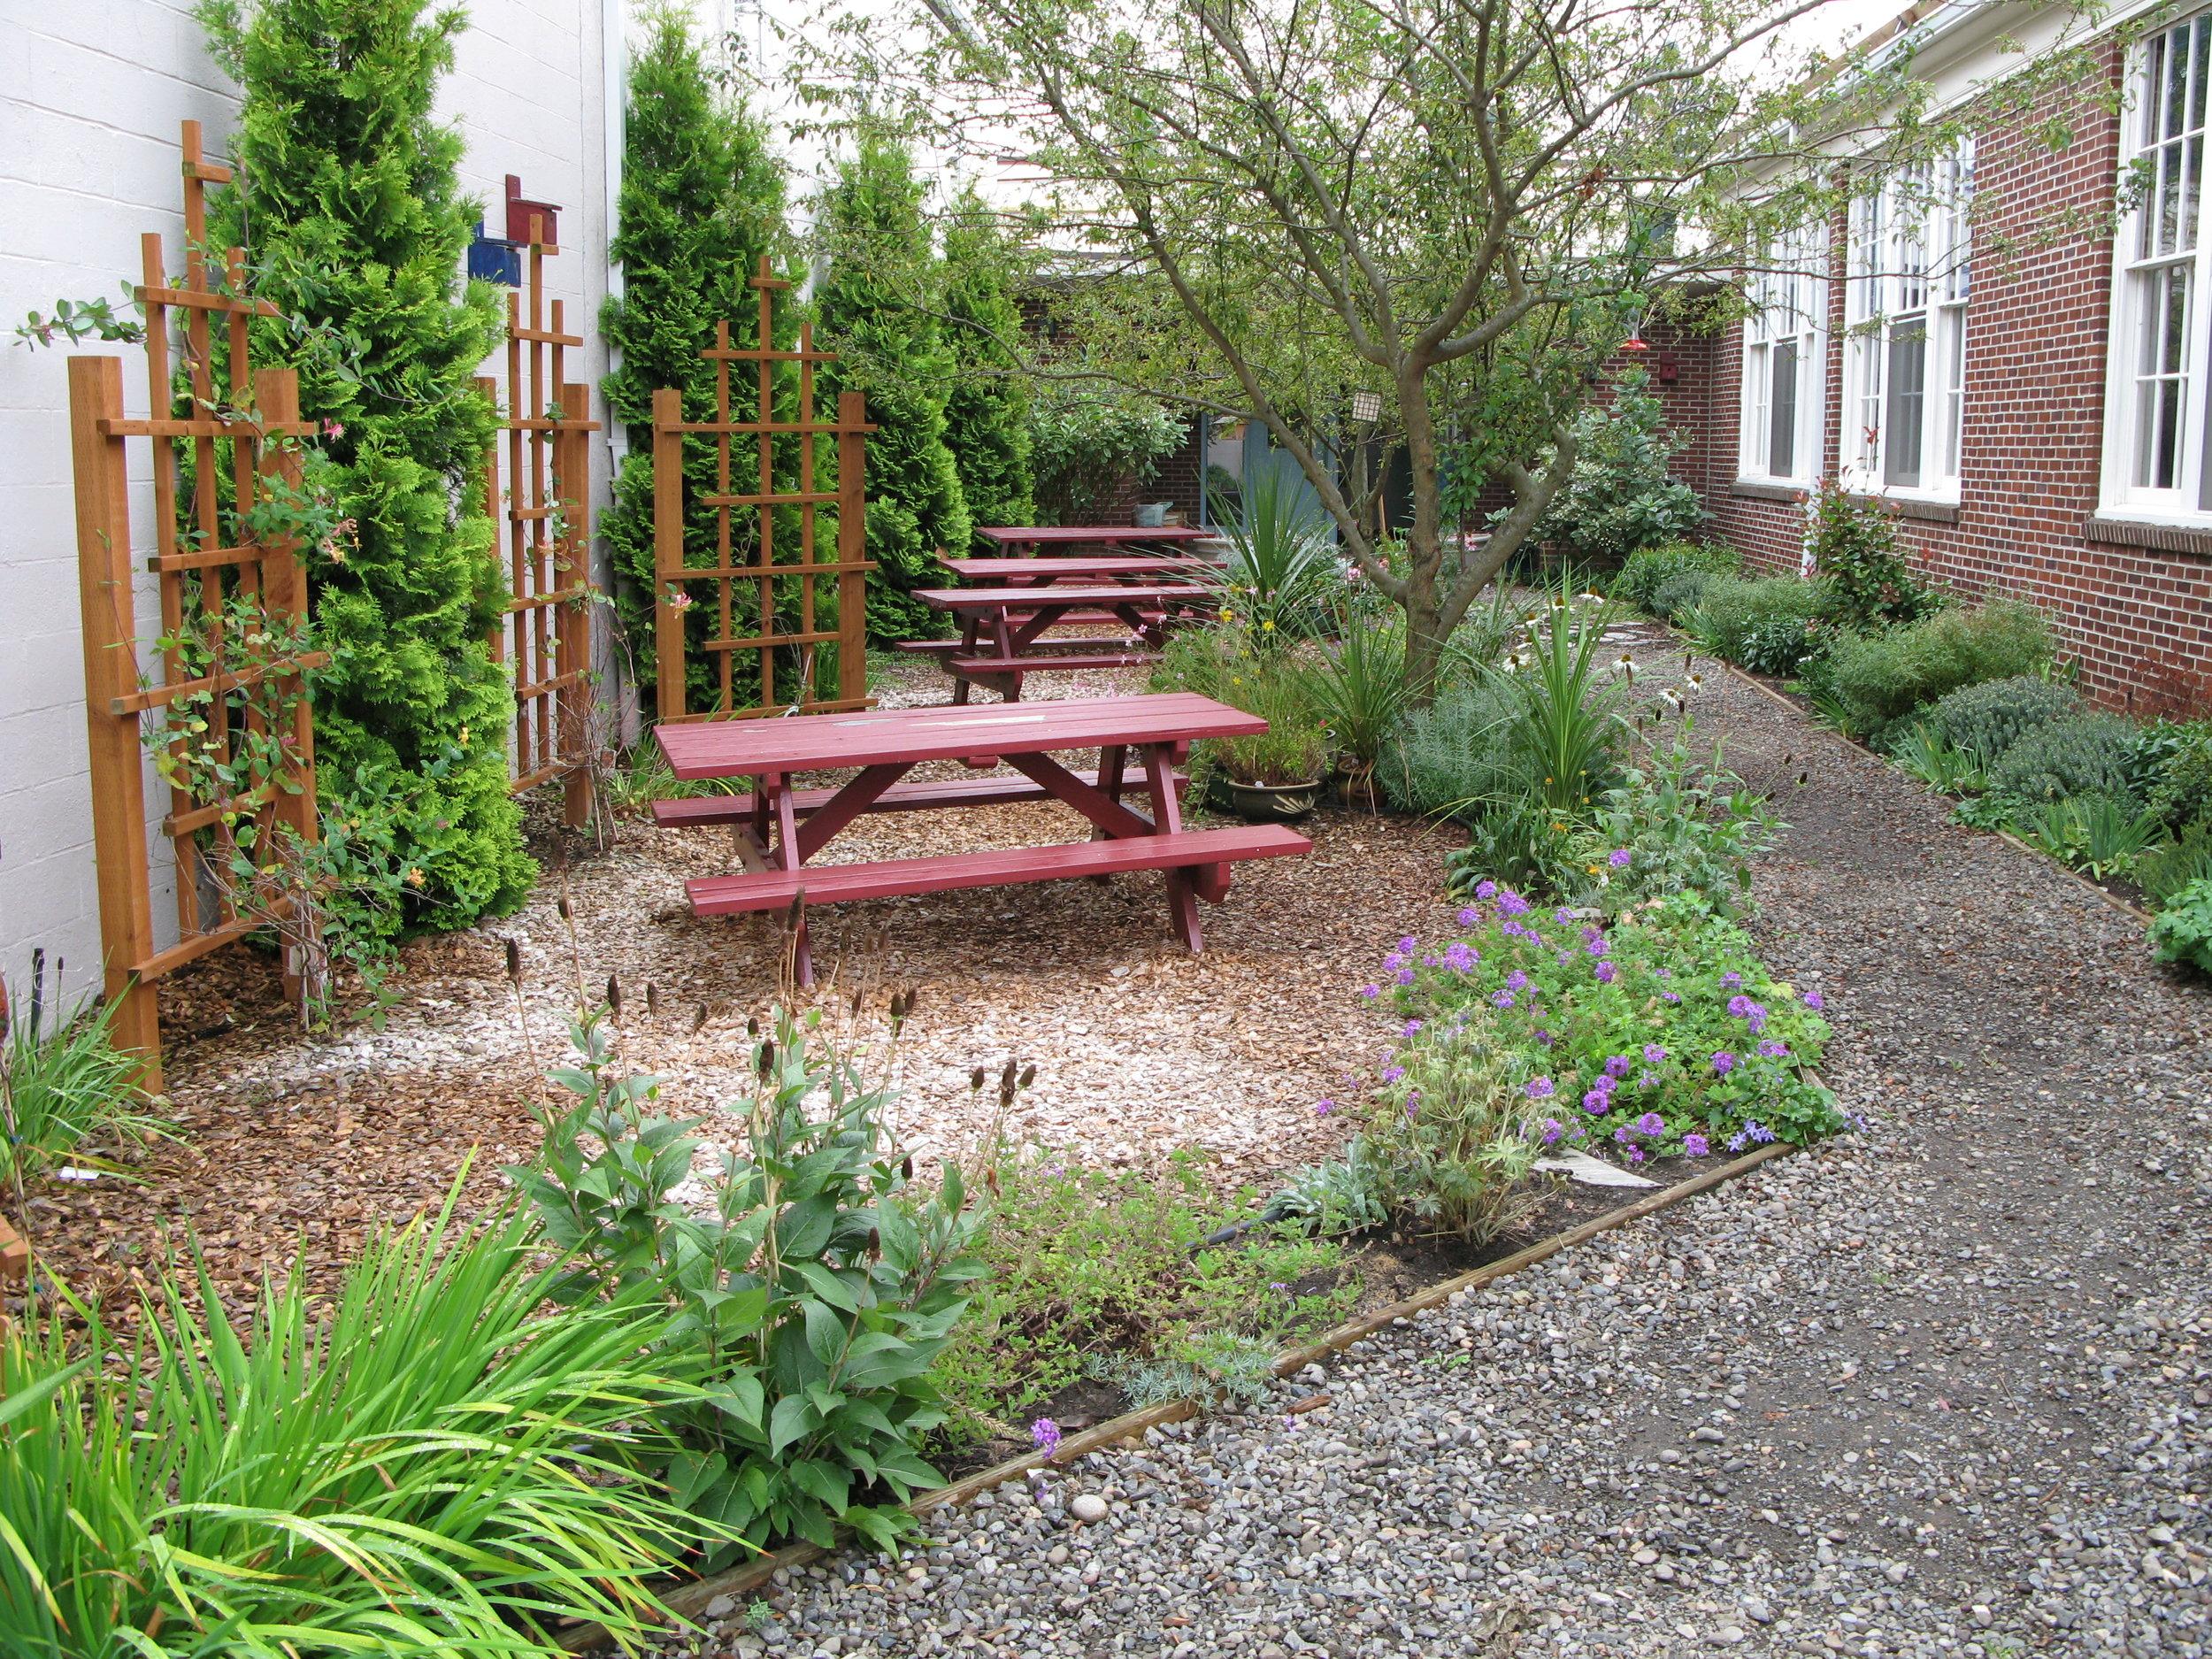 GardenCourtyard_IMG_0196.JPG